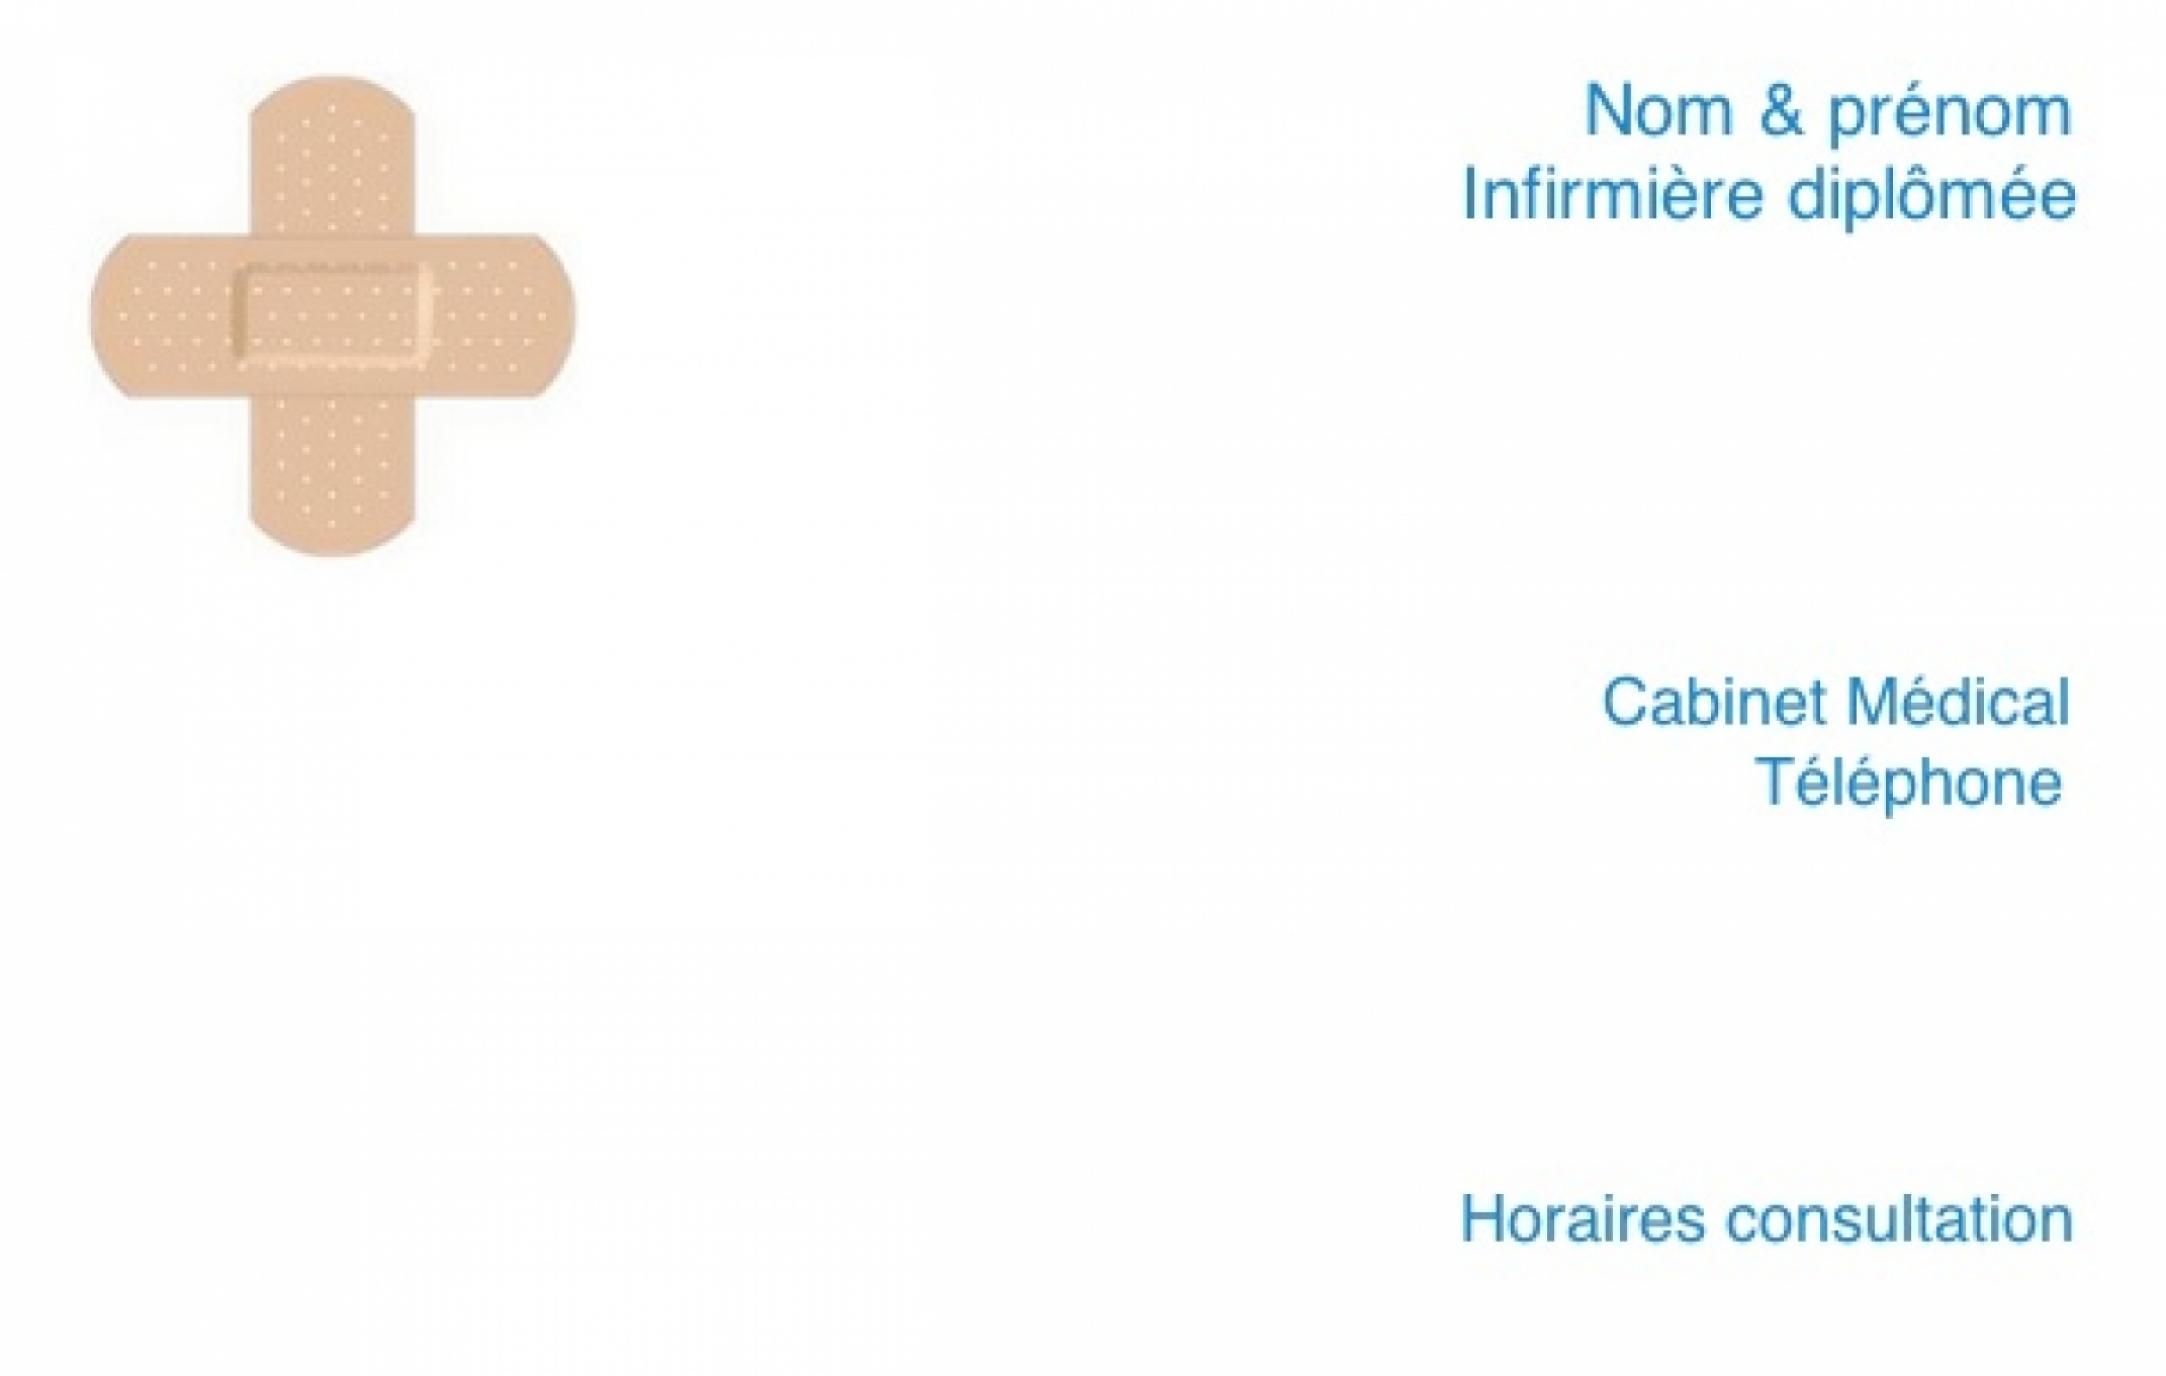 Cabinet Infirmerie Exemple Carte De Visite Infirmiere Liberale Originale Et Pas Chere A Personnaliser En Ligne Modele Gratuit